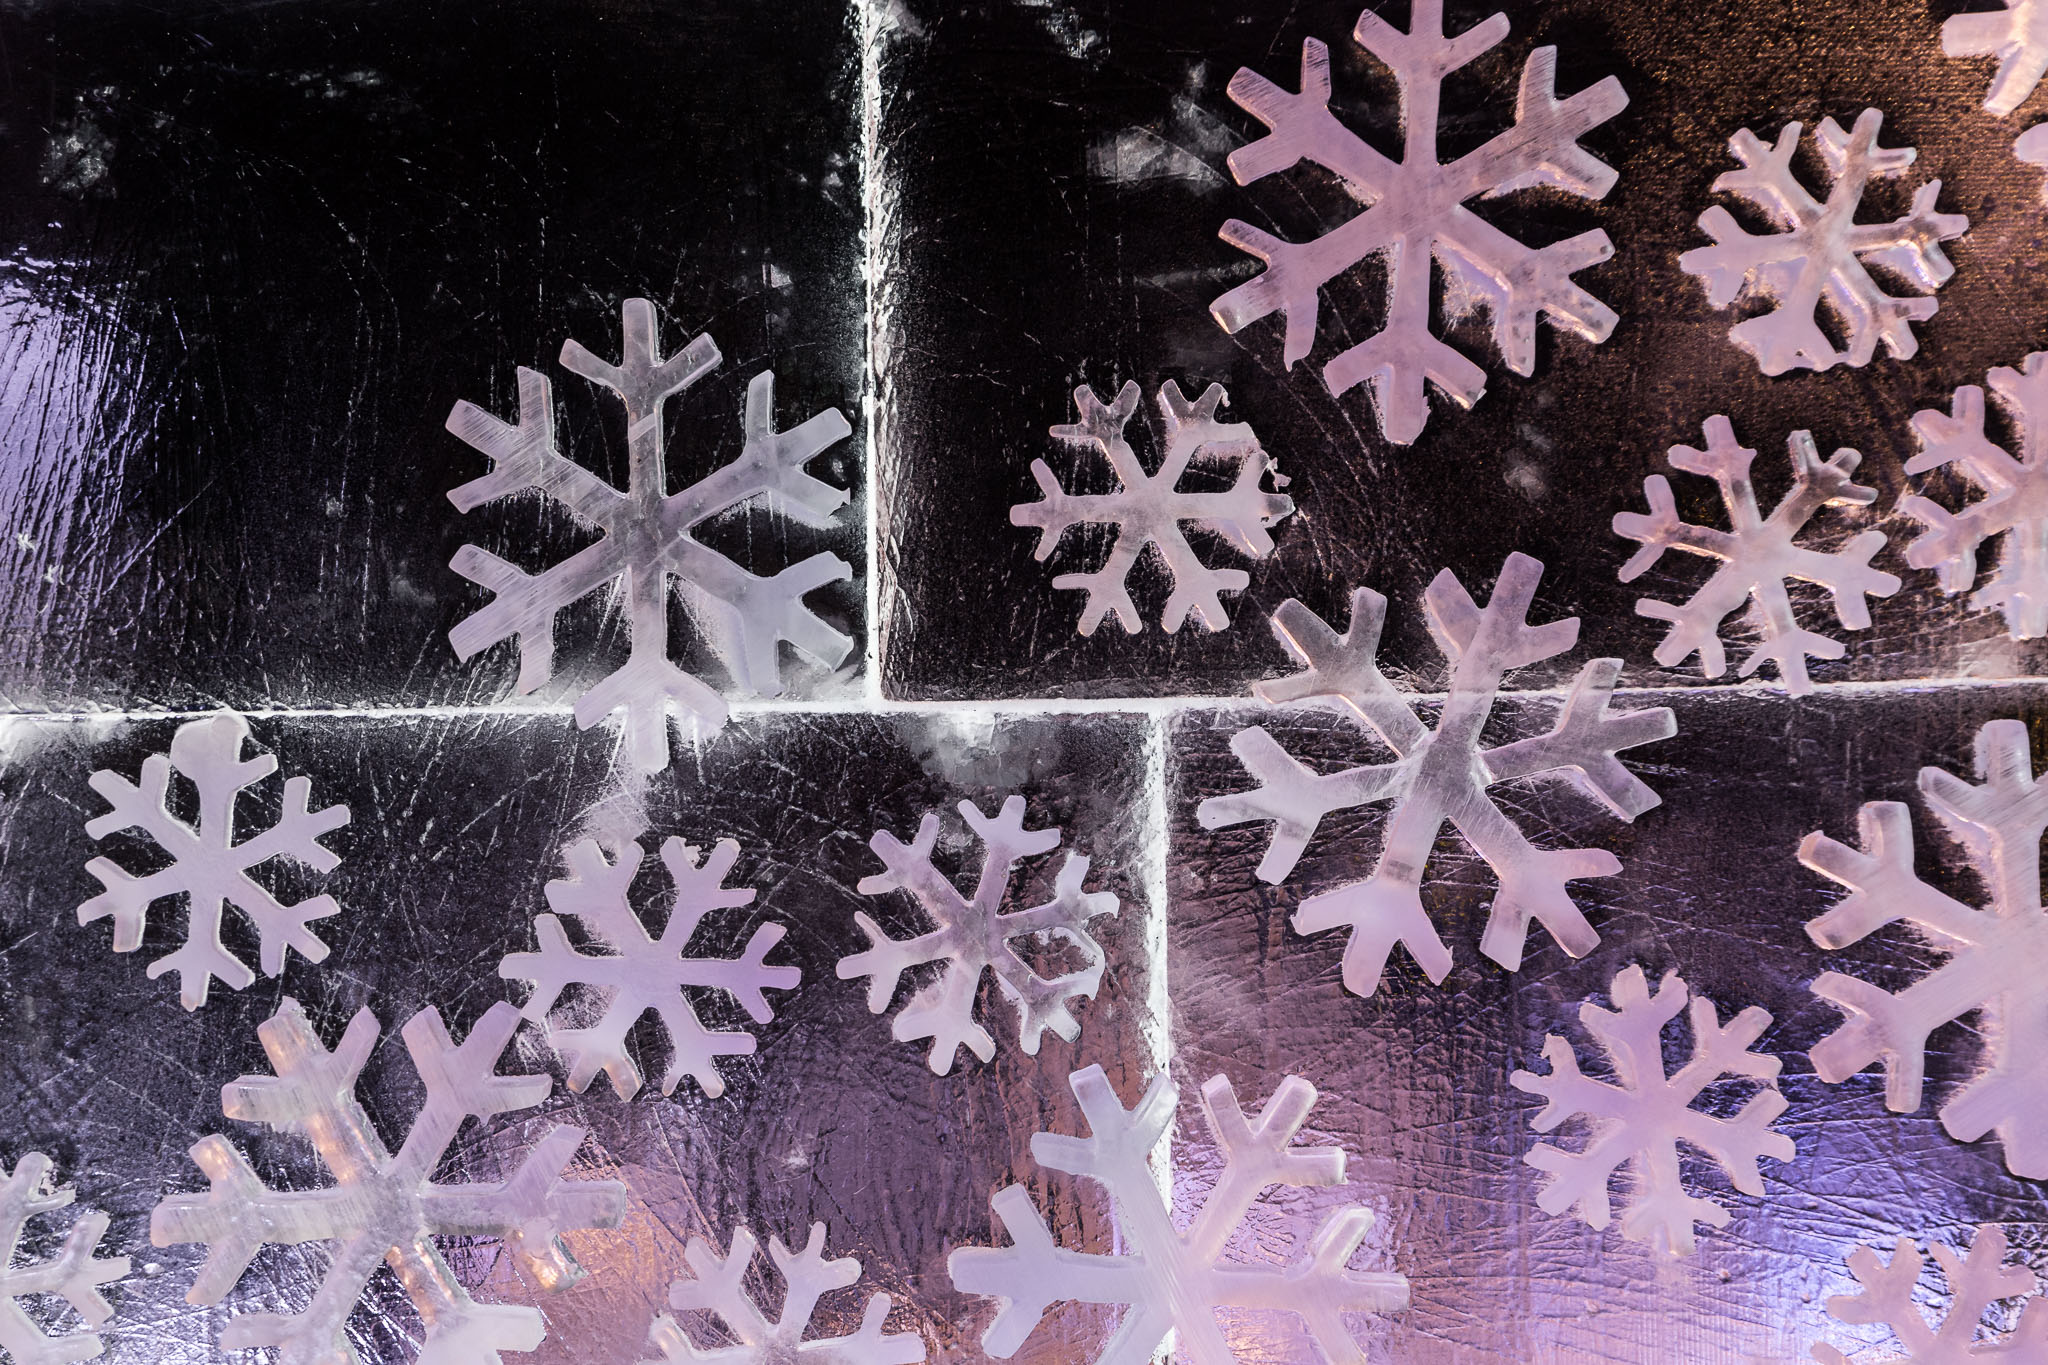 Ice Cavern snowflakes